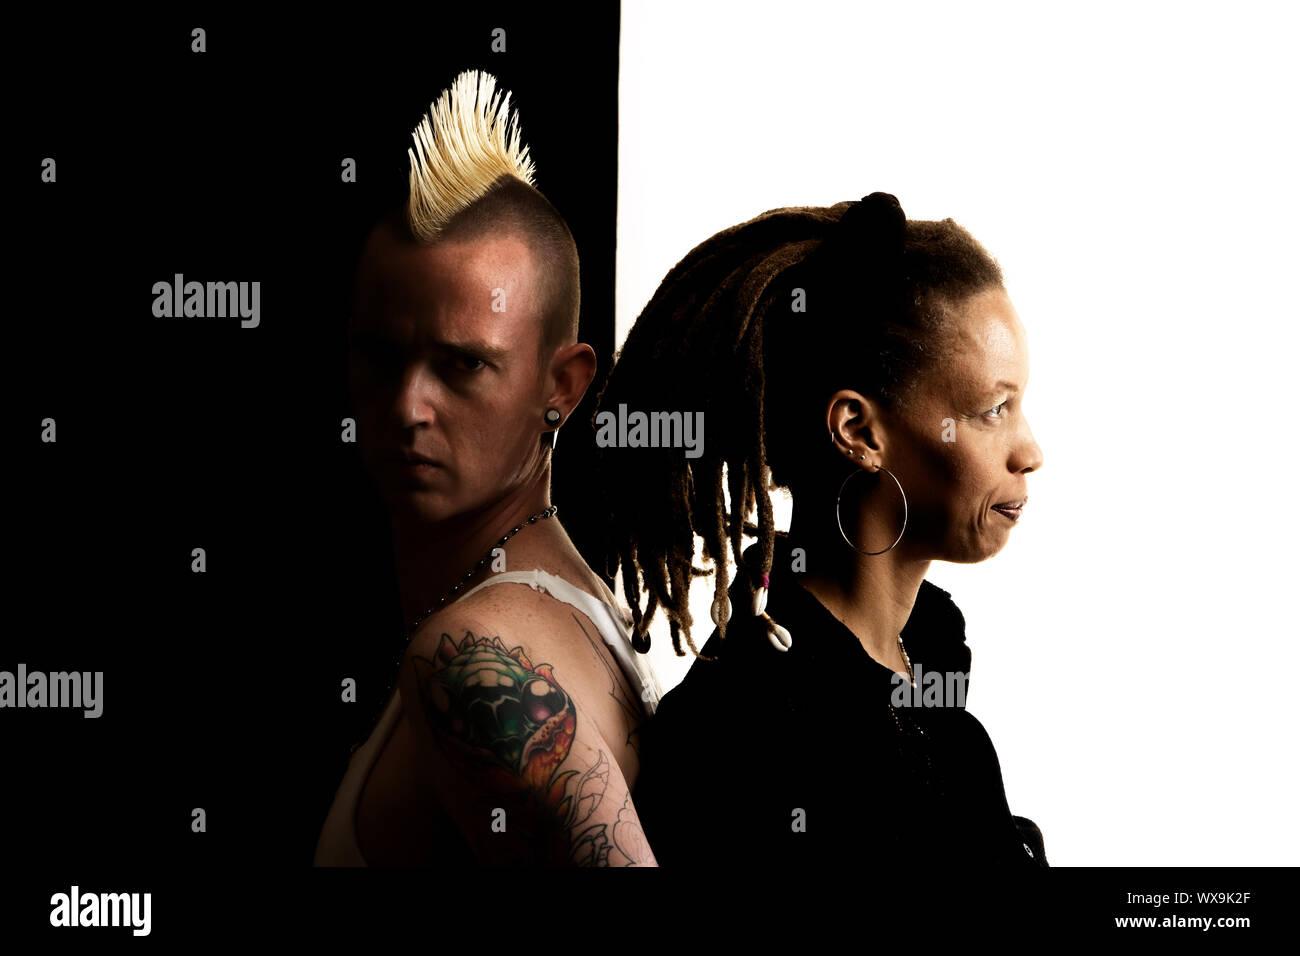 Uomo caucasico con Mohawk e donna afro-americana con Dreadlocks Foto Stock